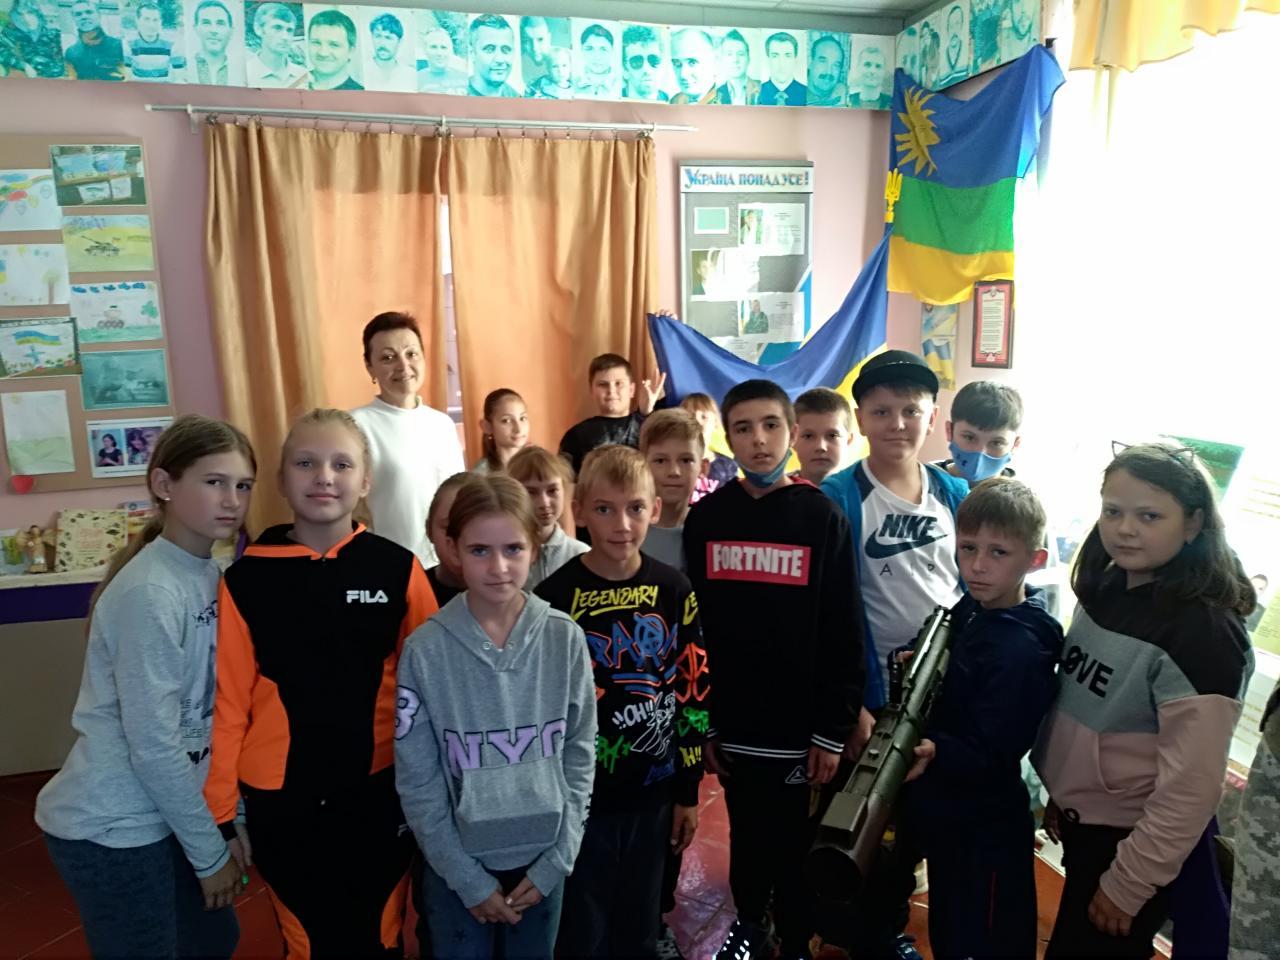 http://dunrada.gov.ua/uploadfile/archive_news/2021/09/15/2021-09-15_996/images/images-68687.jpg